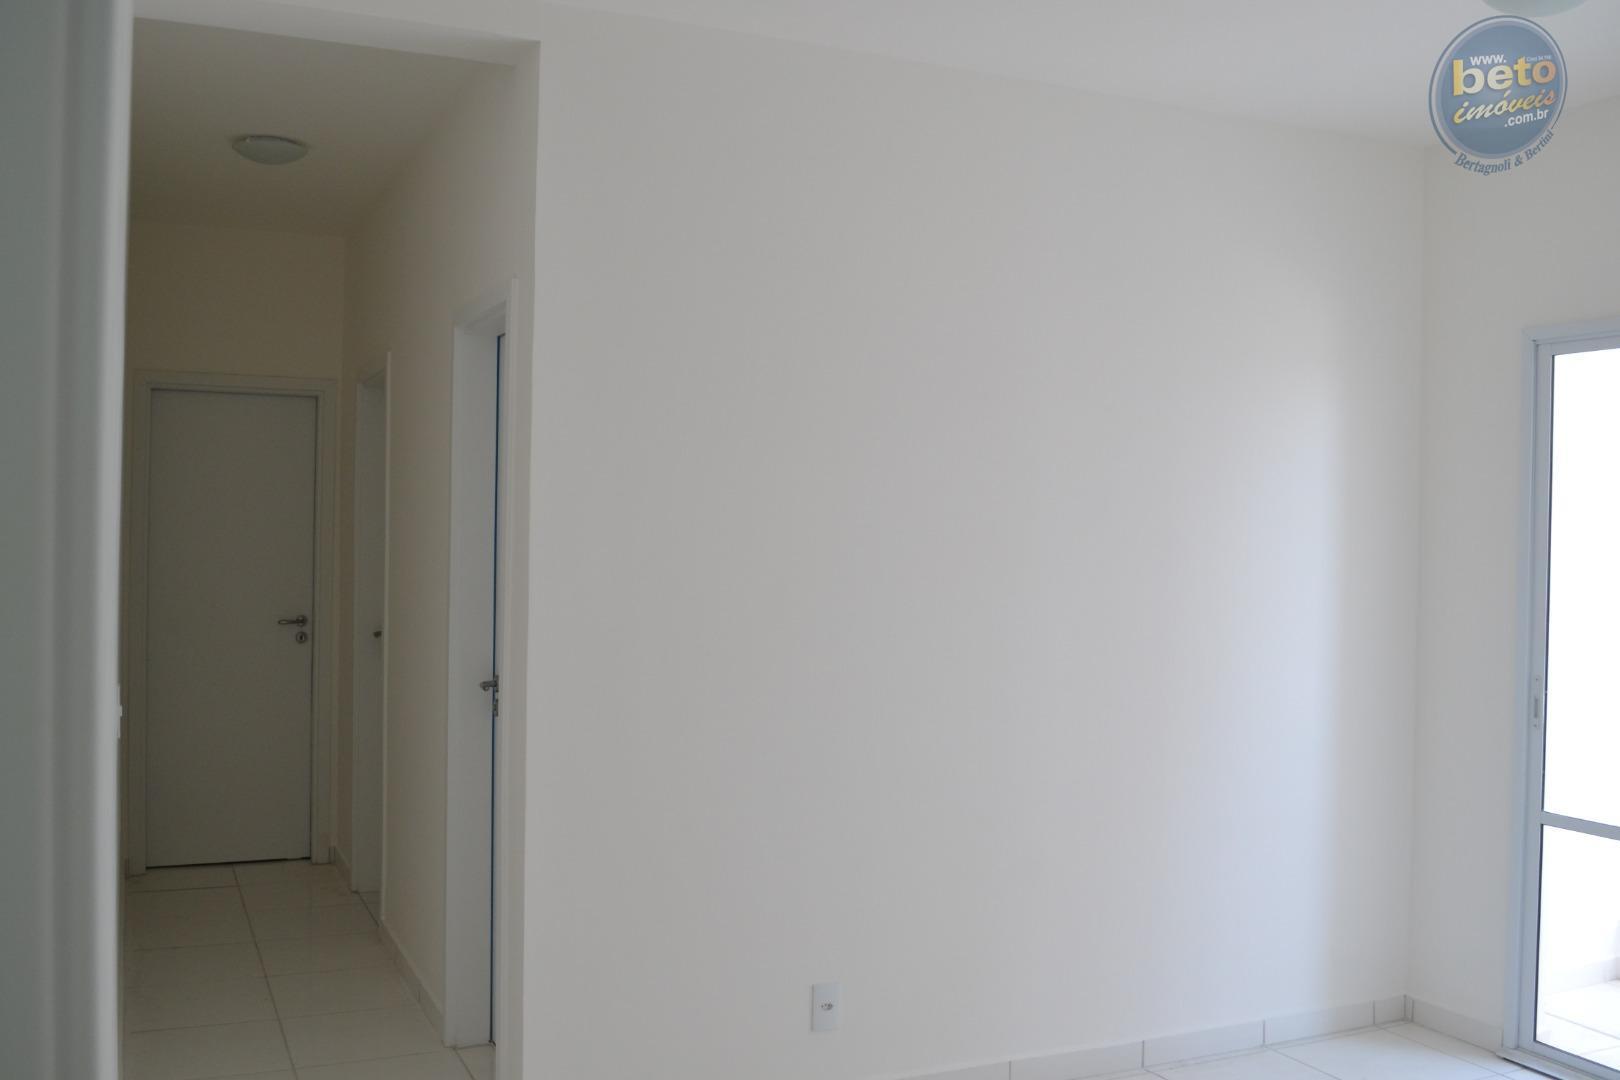 Apartamento com 2 dormitórios para alugar, 50 m² por R$ 800/mês - Condomínio Bretagne - Itu/SP